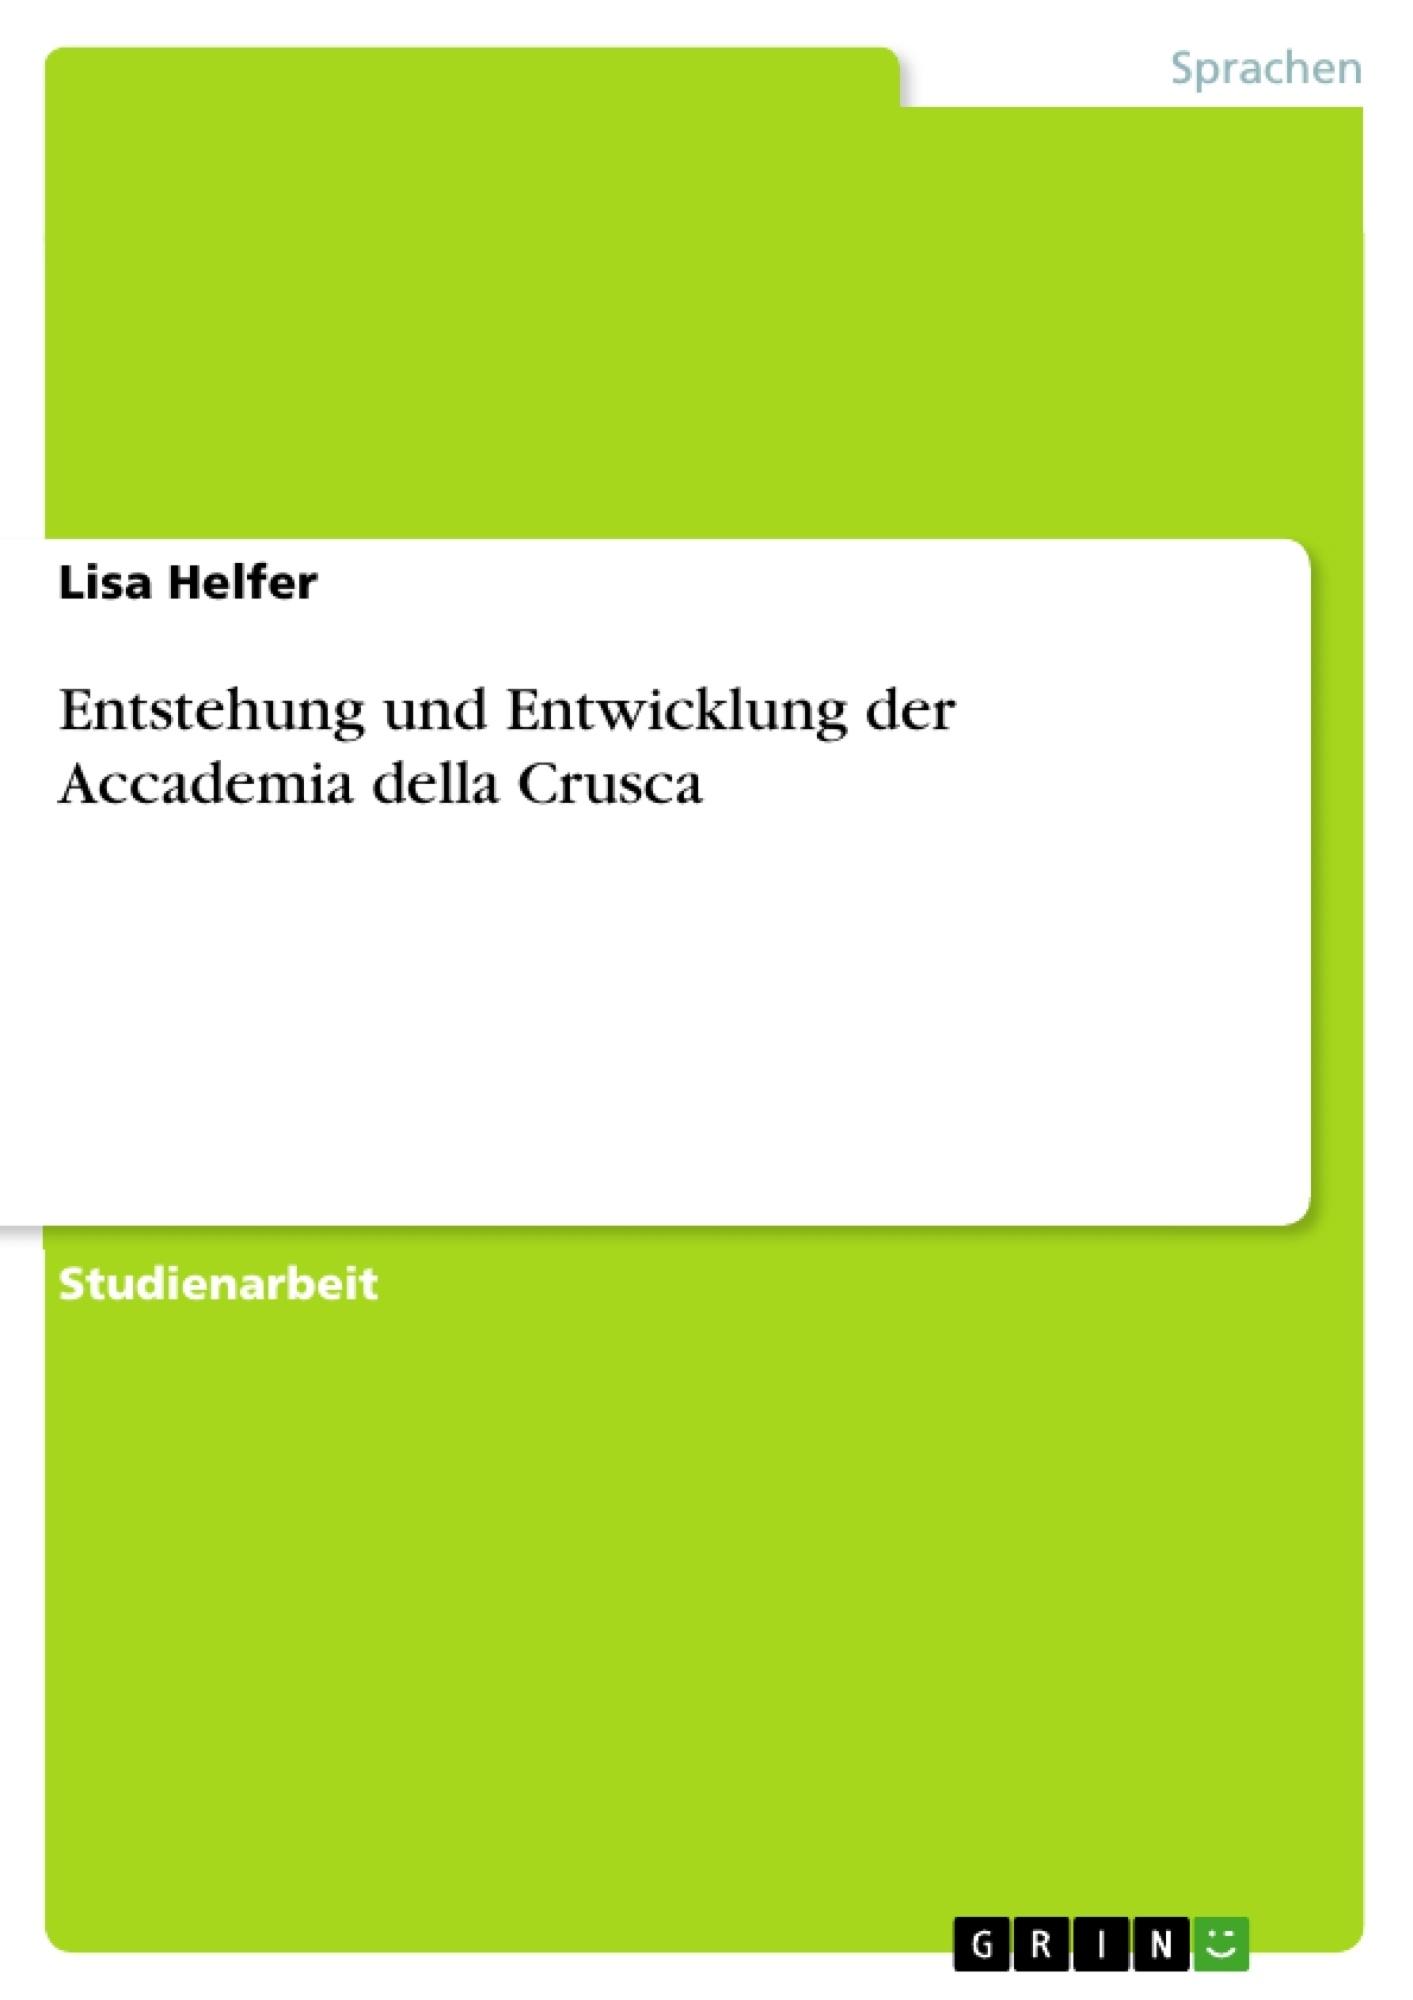 Titel: Entstehung und Entwicklung der Accademia della Crusca